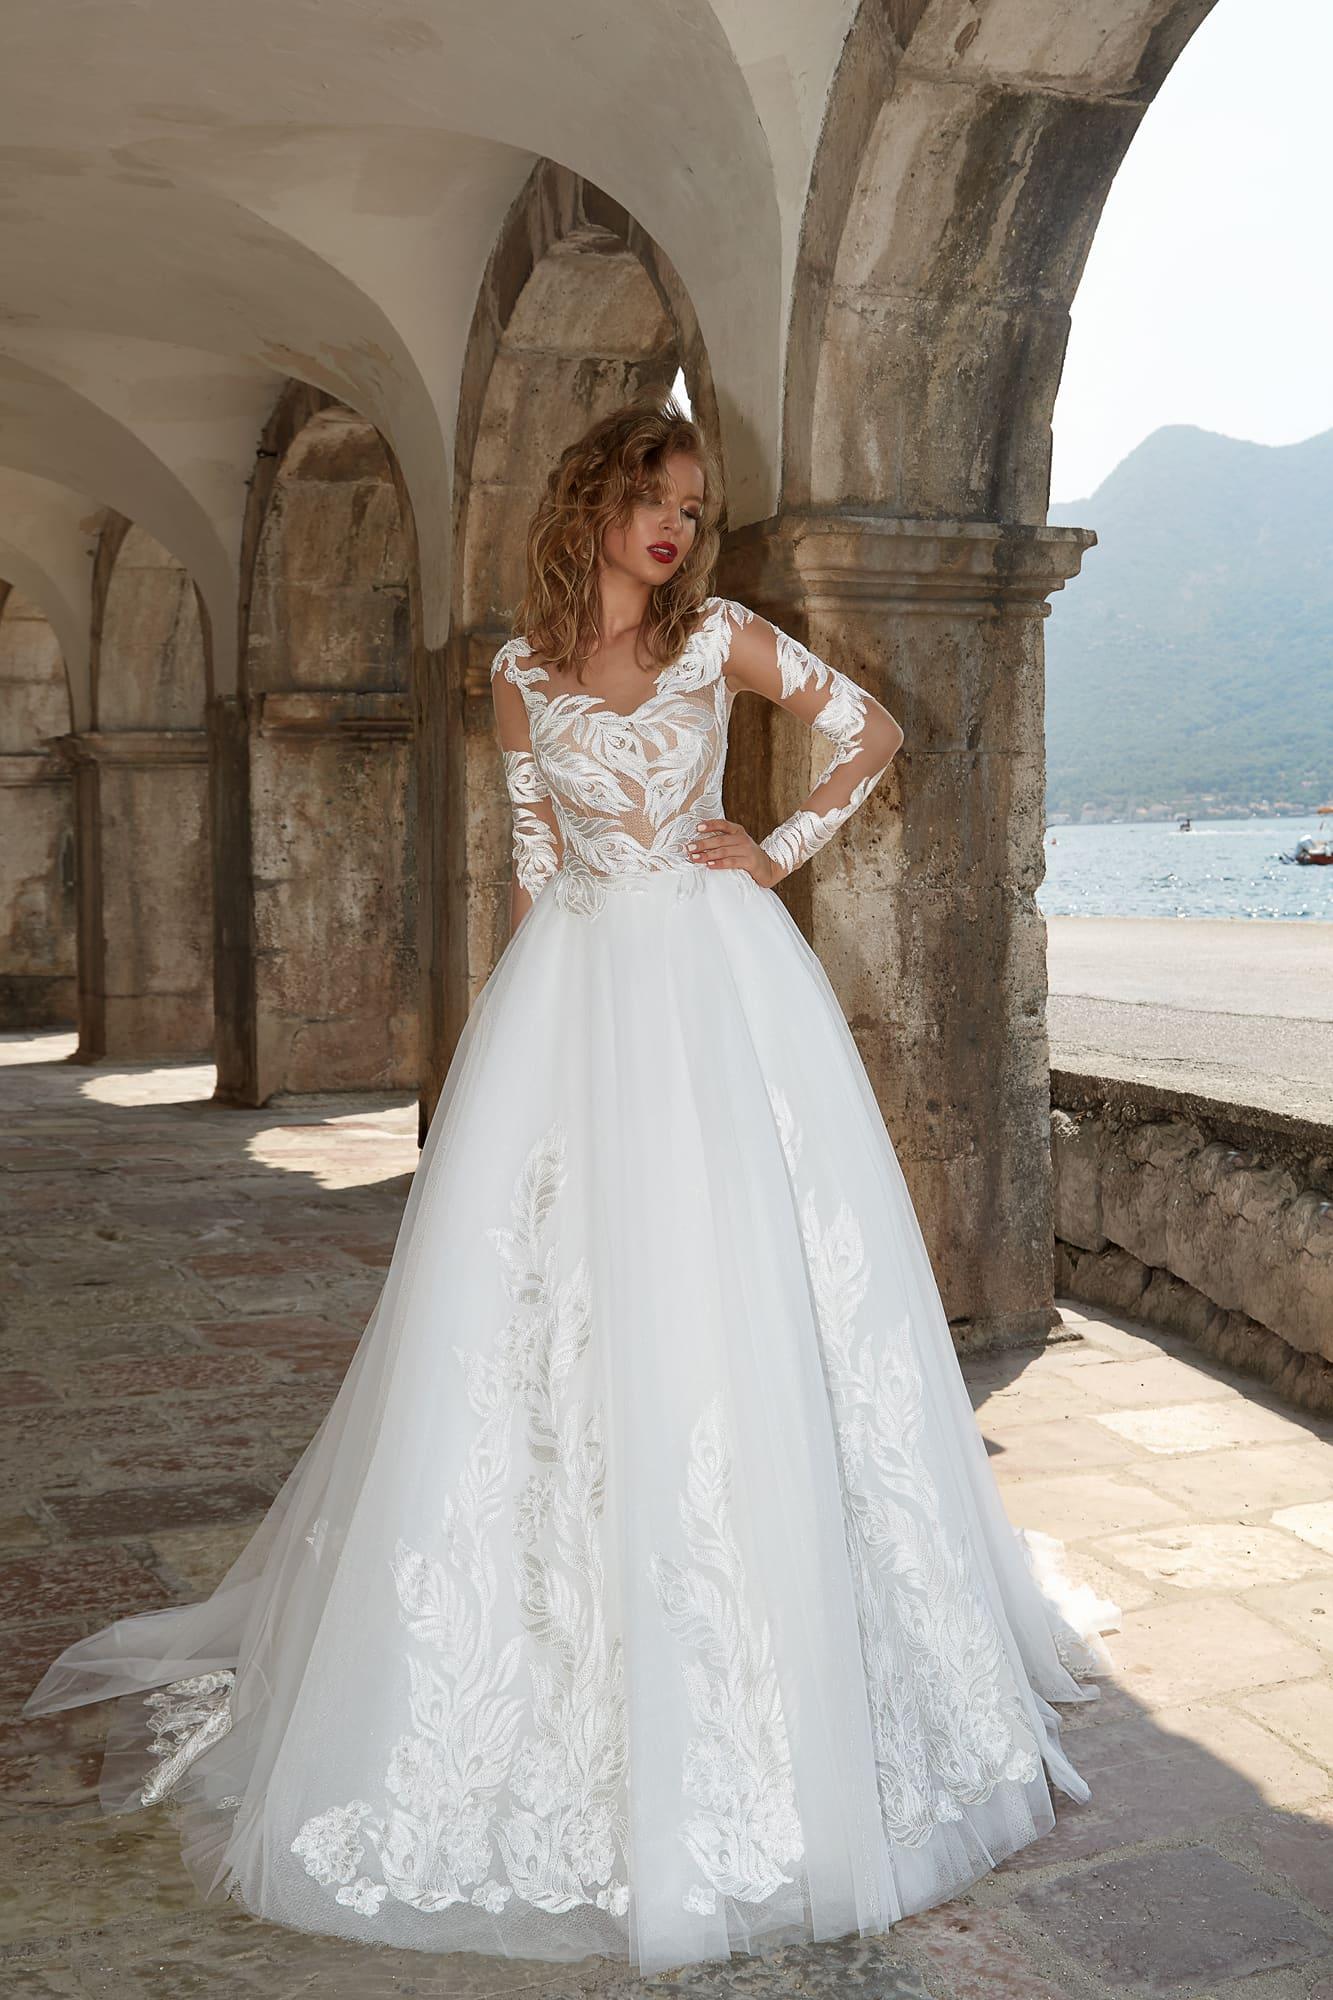 b26e3d5f2af Пышное свадебное платье с полупрозрачными рукавами и эффектным глянцевым  декором.